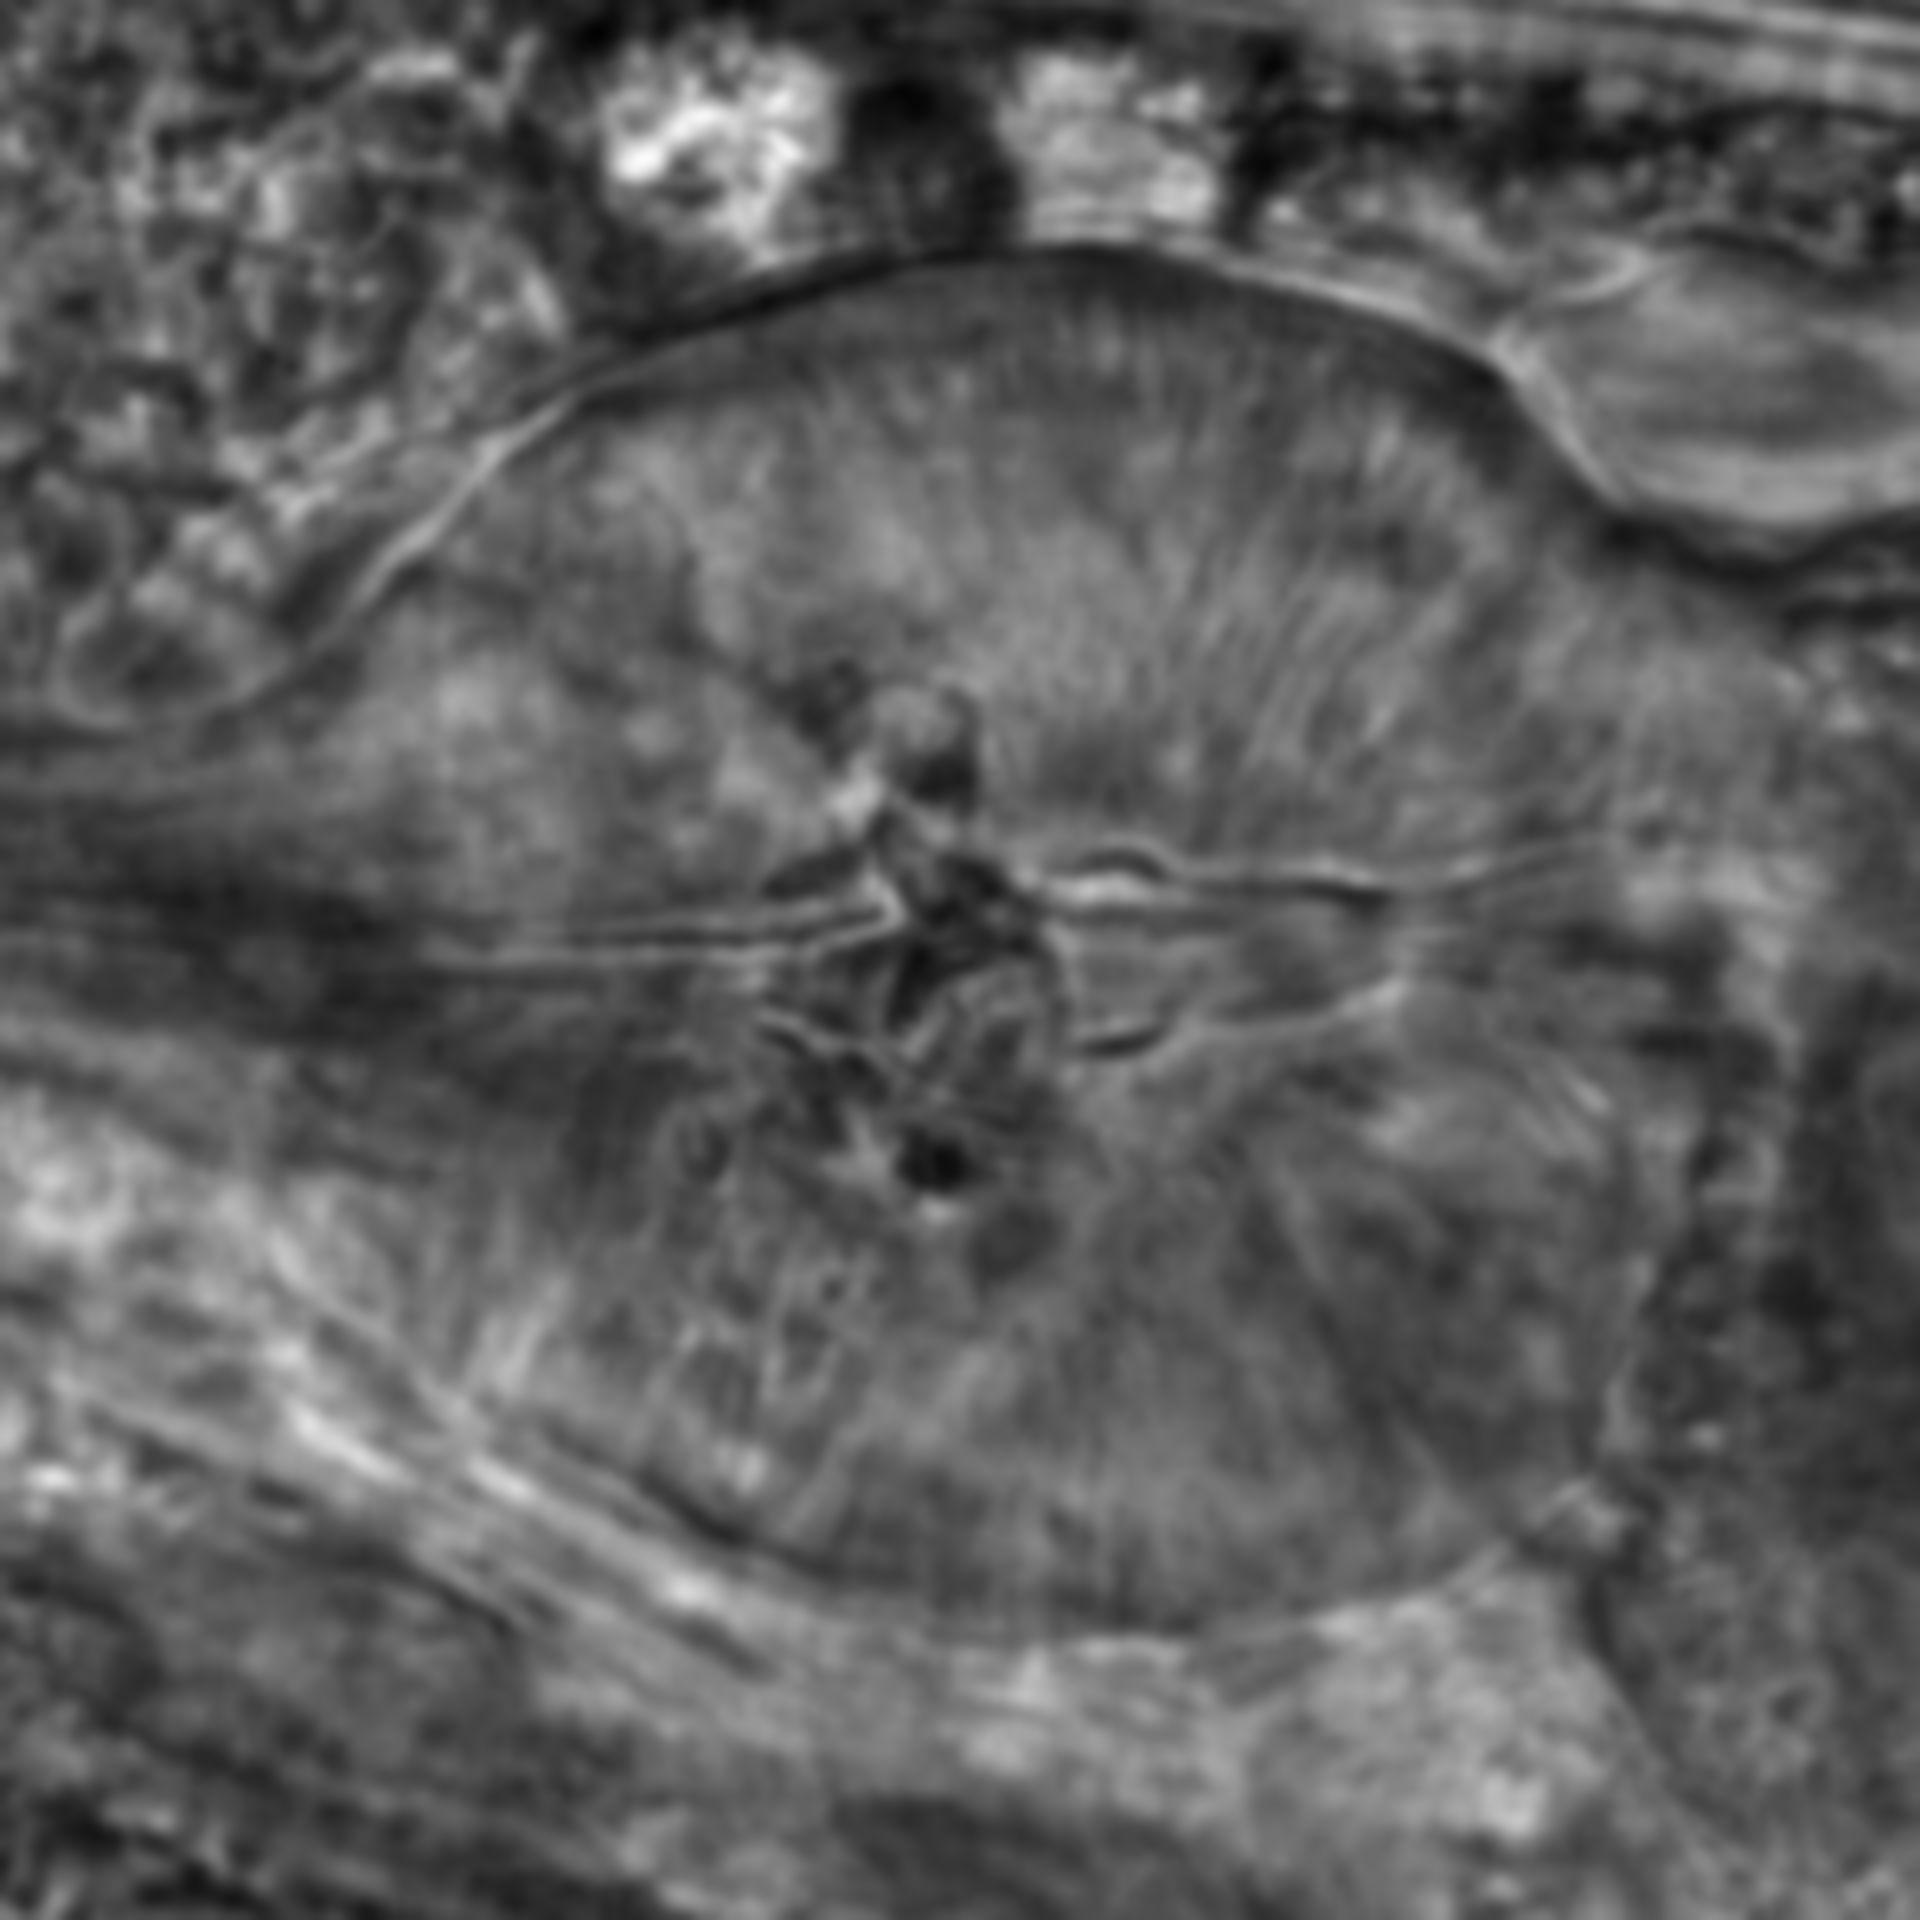 Caenorhabditis elegans - CIL:2187